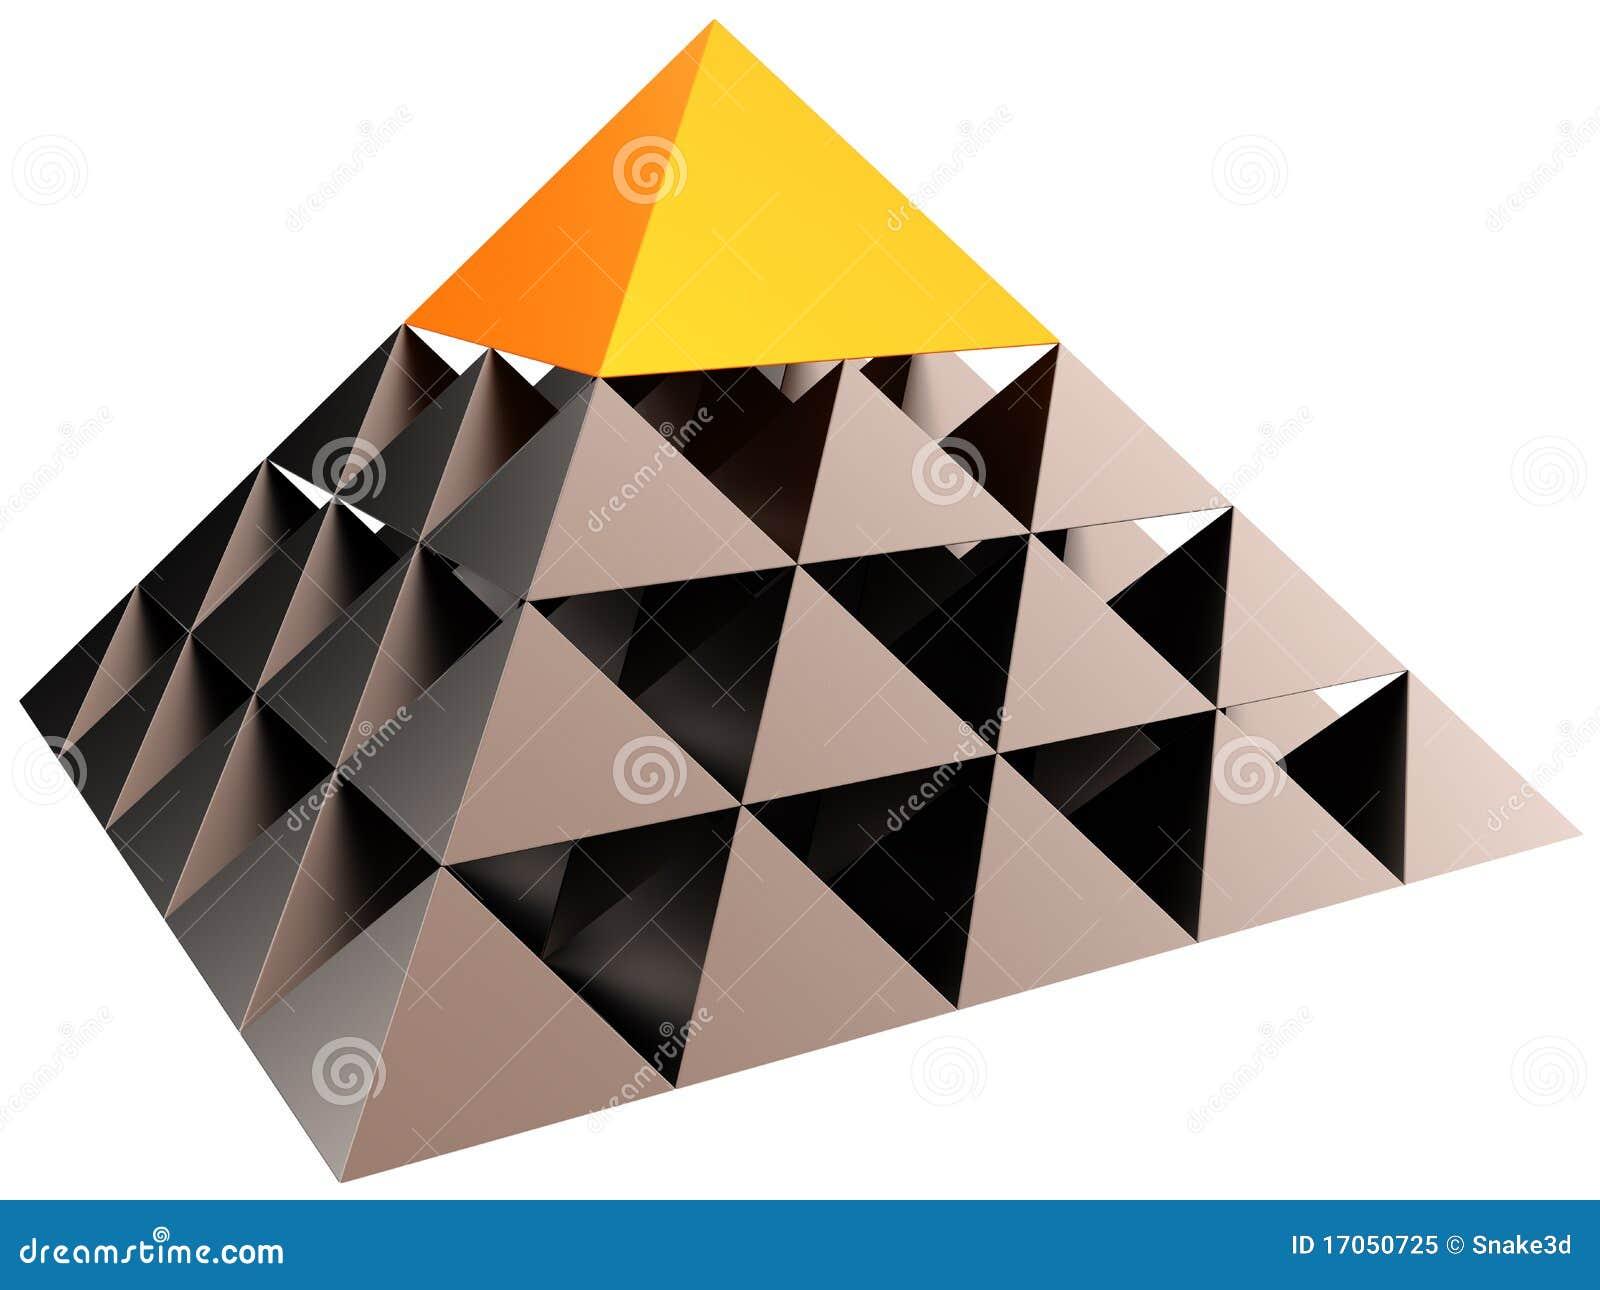 喂层次结构领导金字塔res